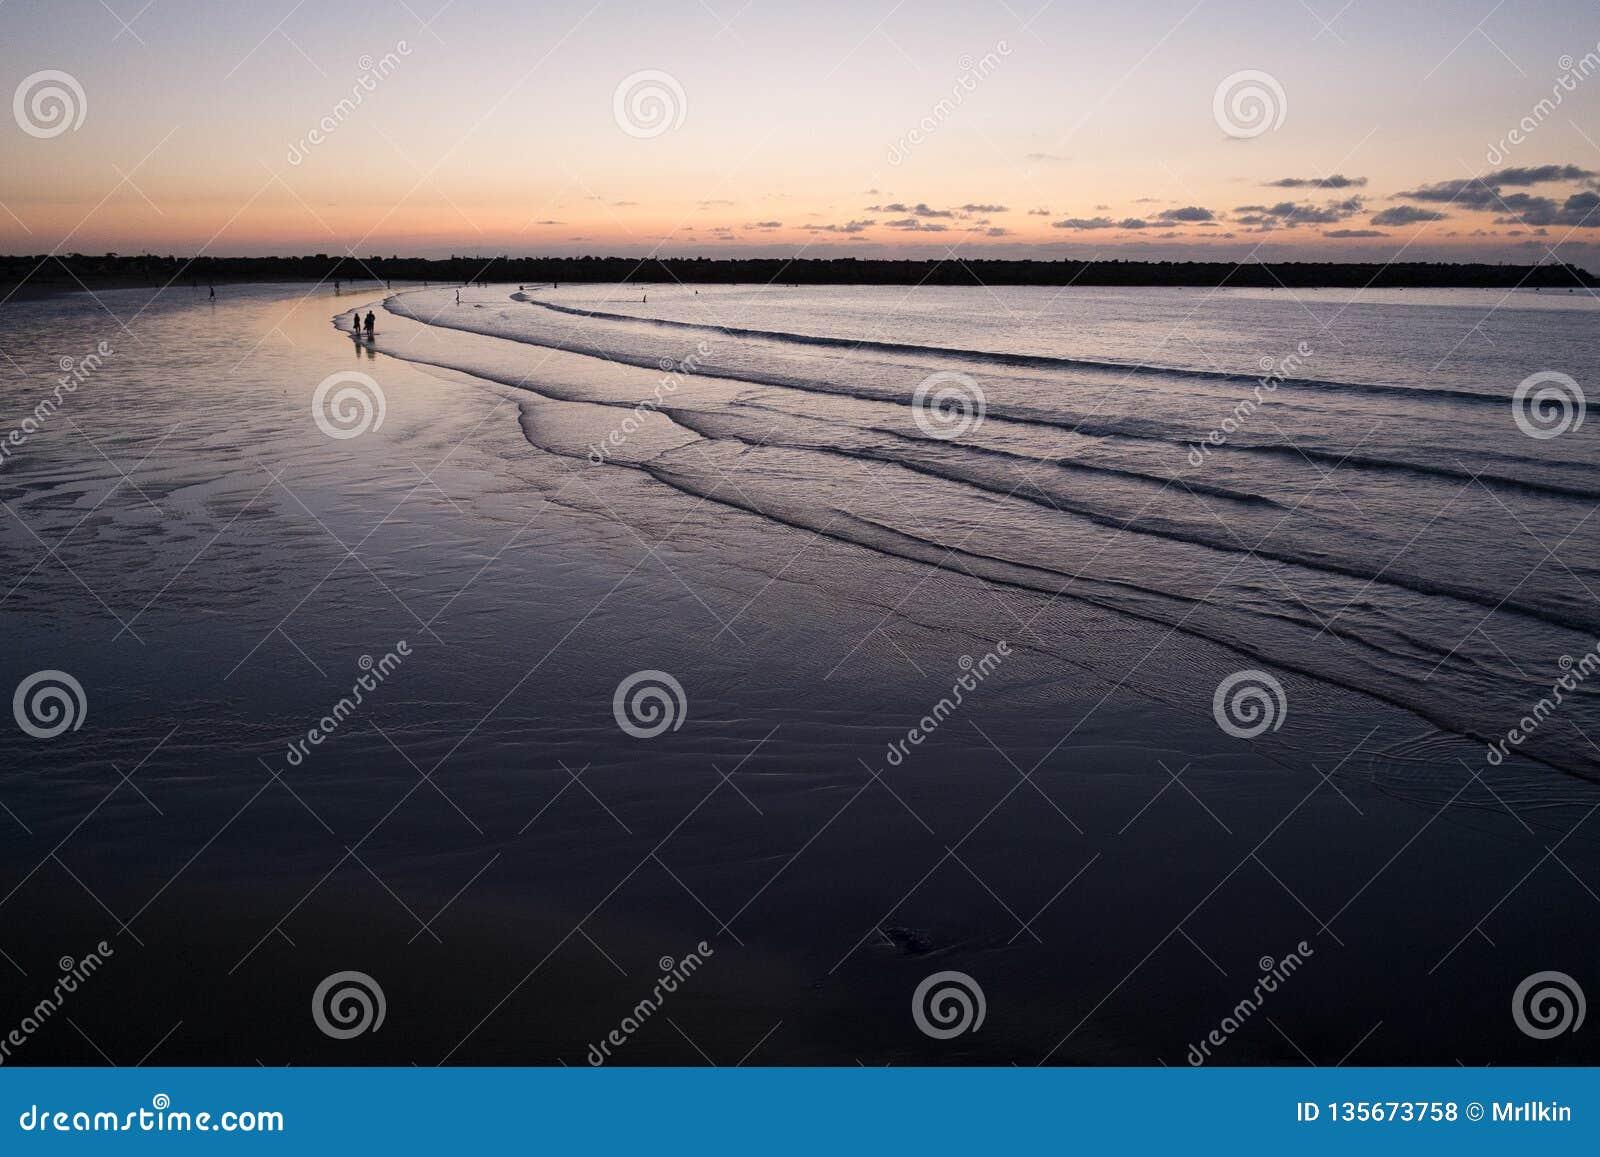 Siluette della gente sull uguagliare spiaggia